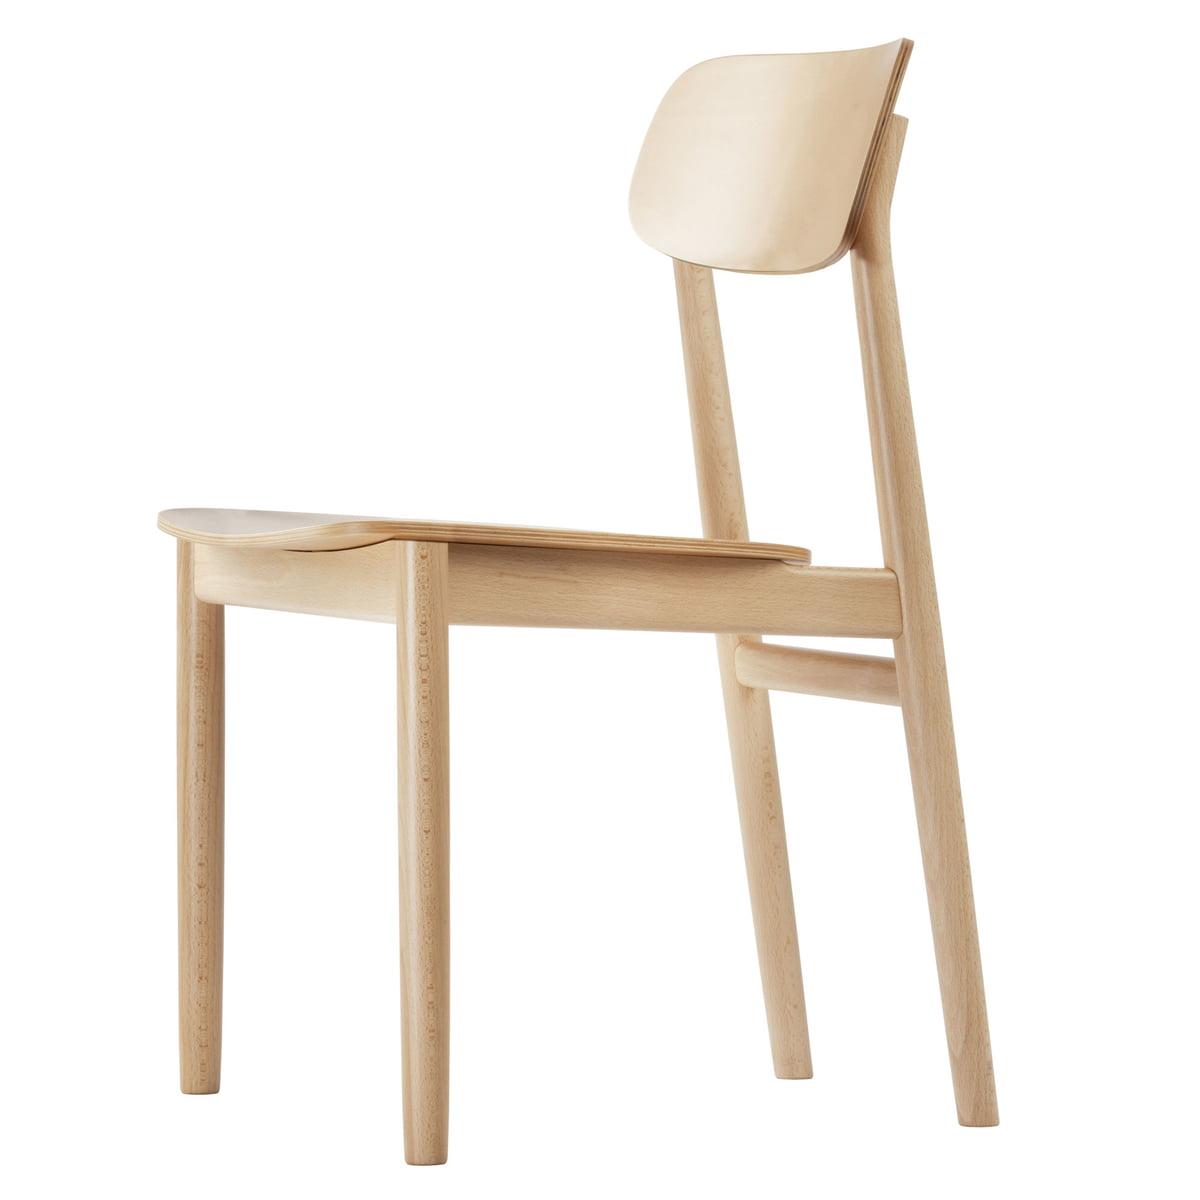 130 stuhl von thonet connox shop kaufen. Black Bedroom Furniture Sets. Home Design Ideas